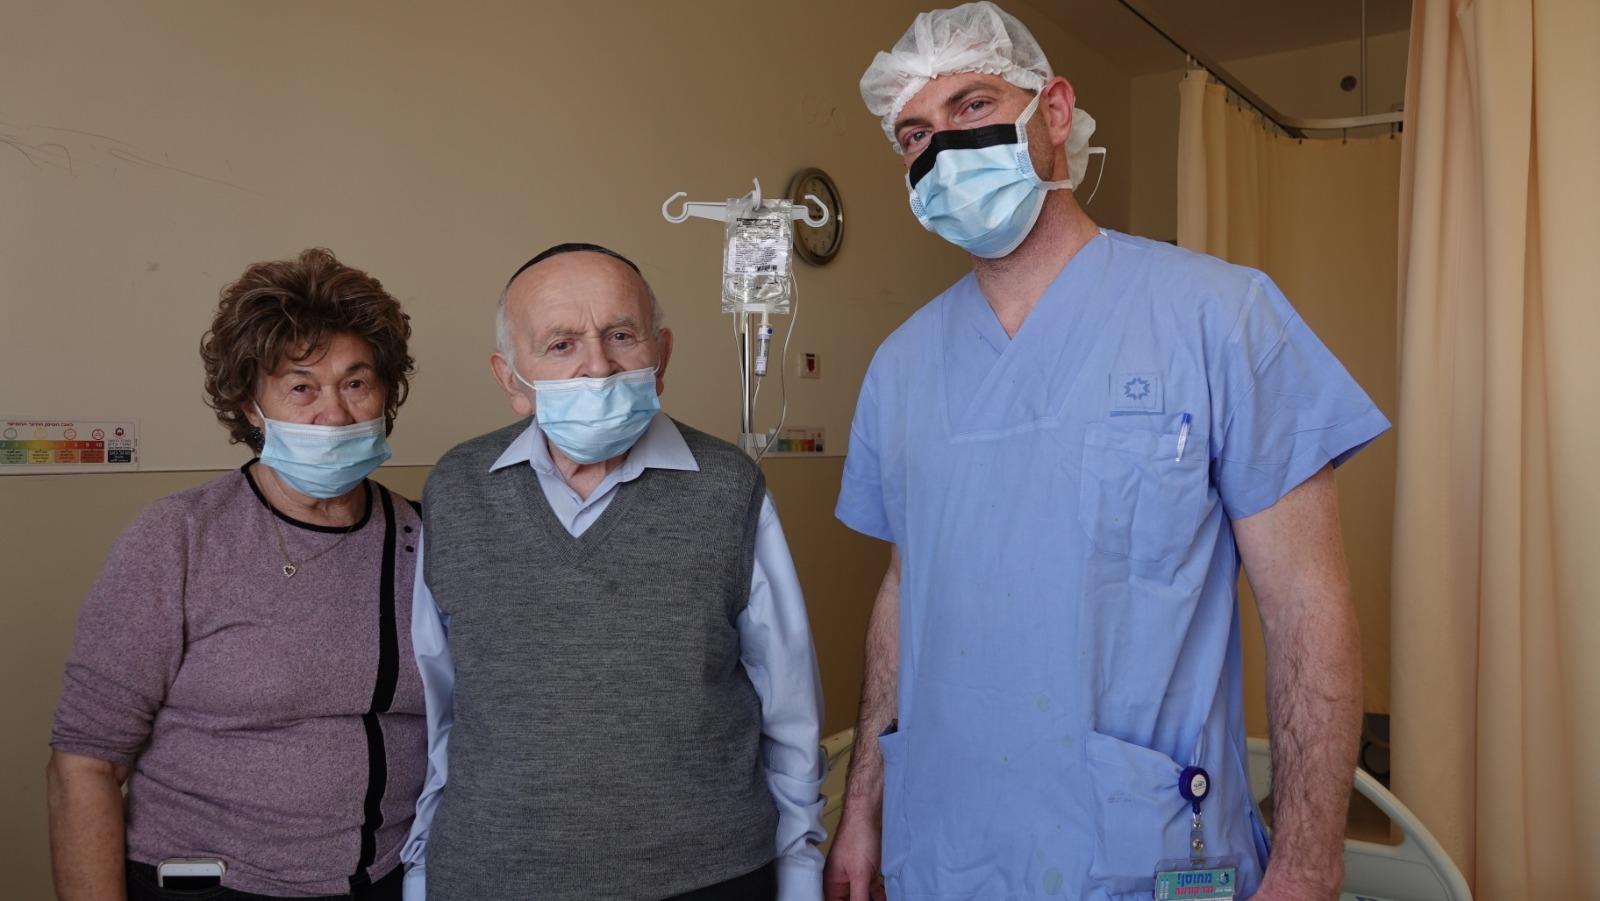 """ד""""ר משה גרוס, רופא בכיר במחלקת אורתופדיה במרכז הרפואי שערי צדק ויוסף וחיה קליינמן (צילום: דוברות שערי צדק)"""